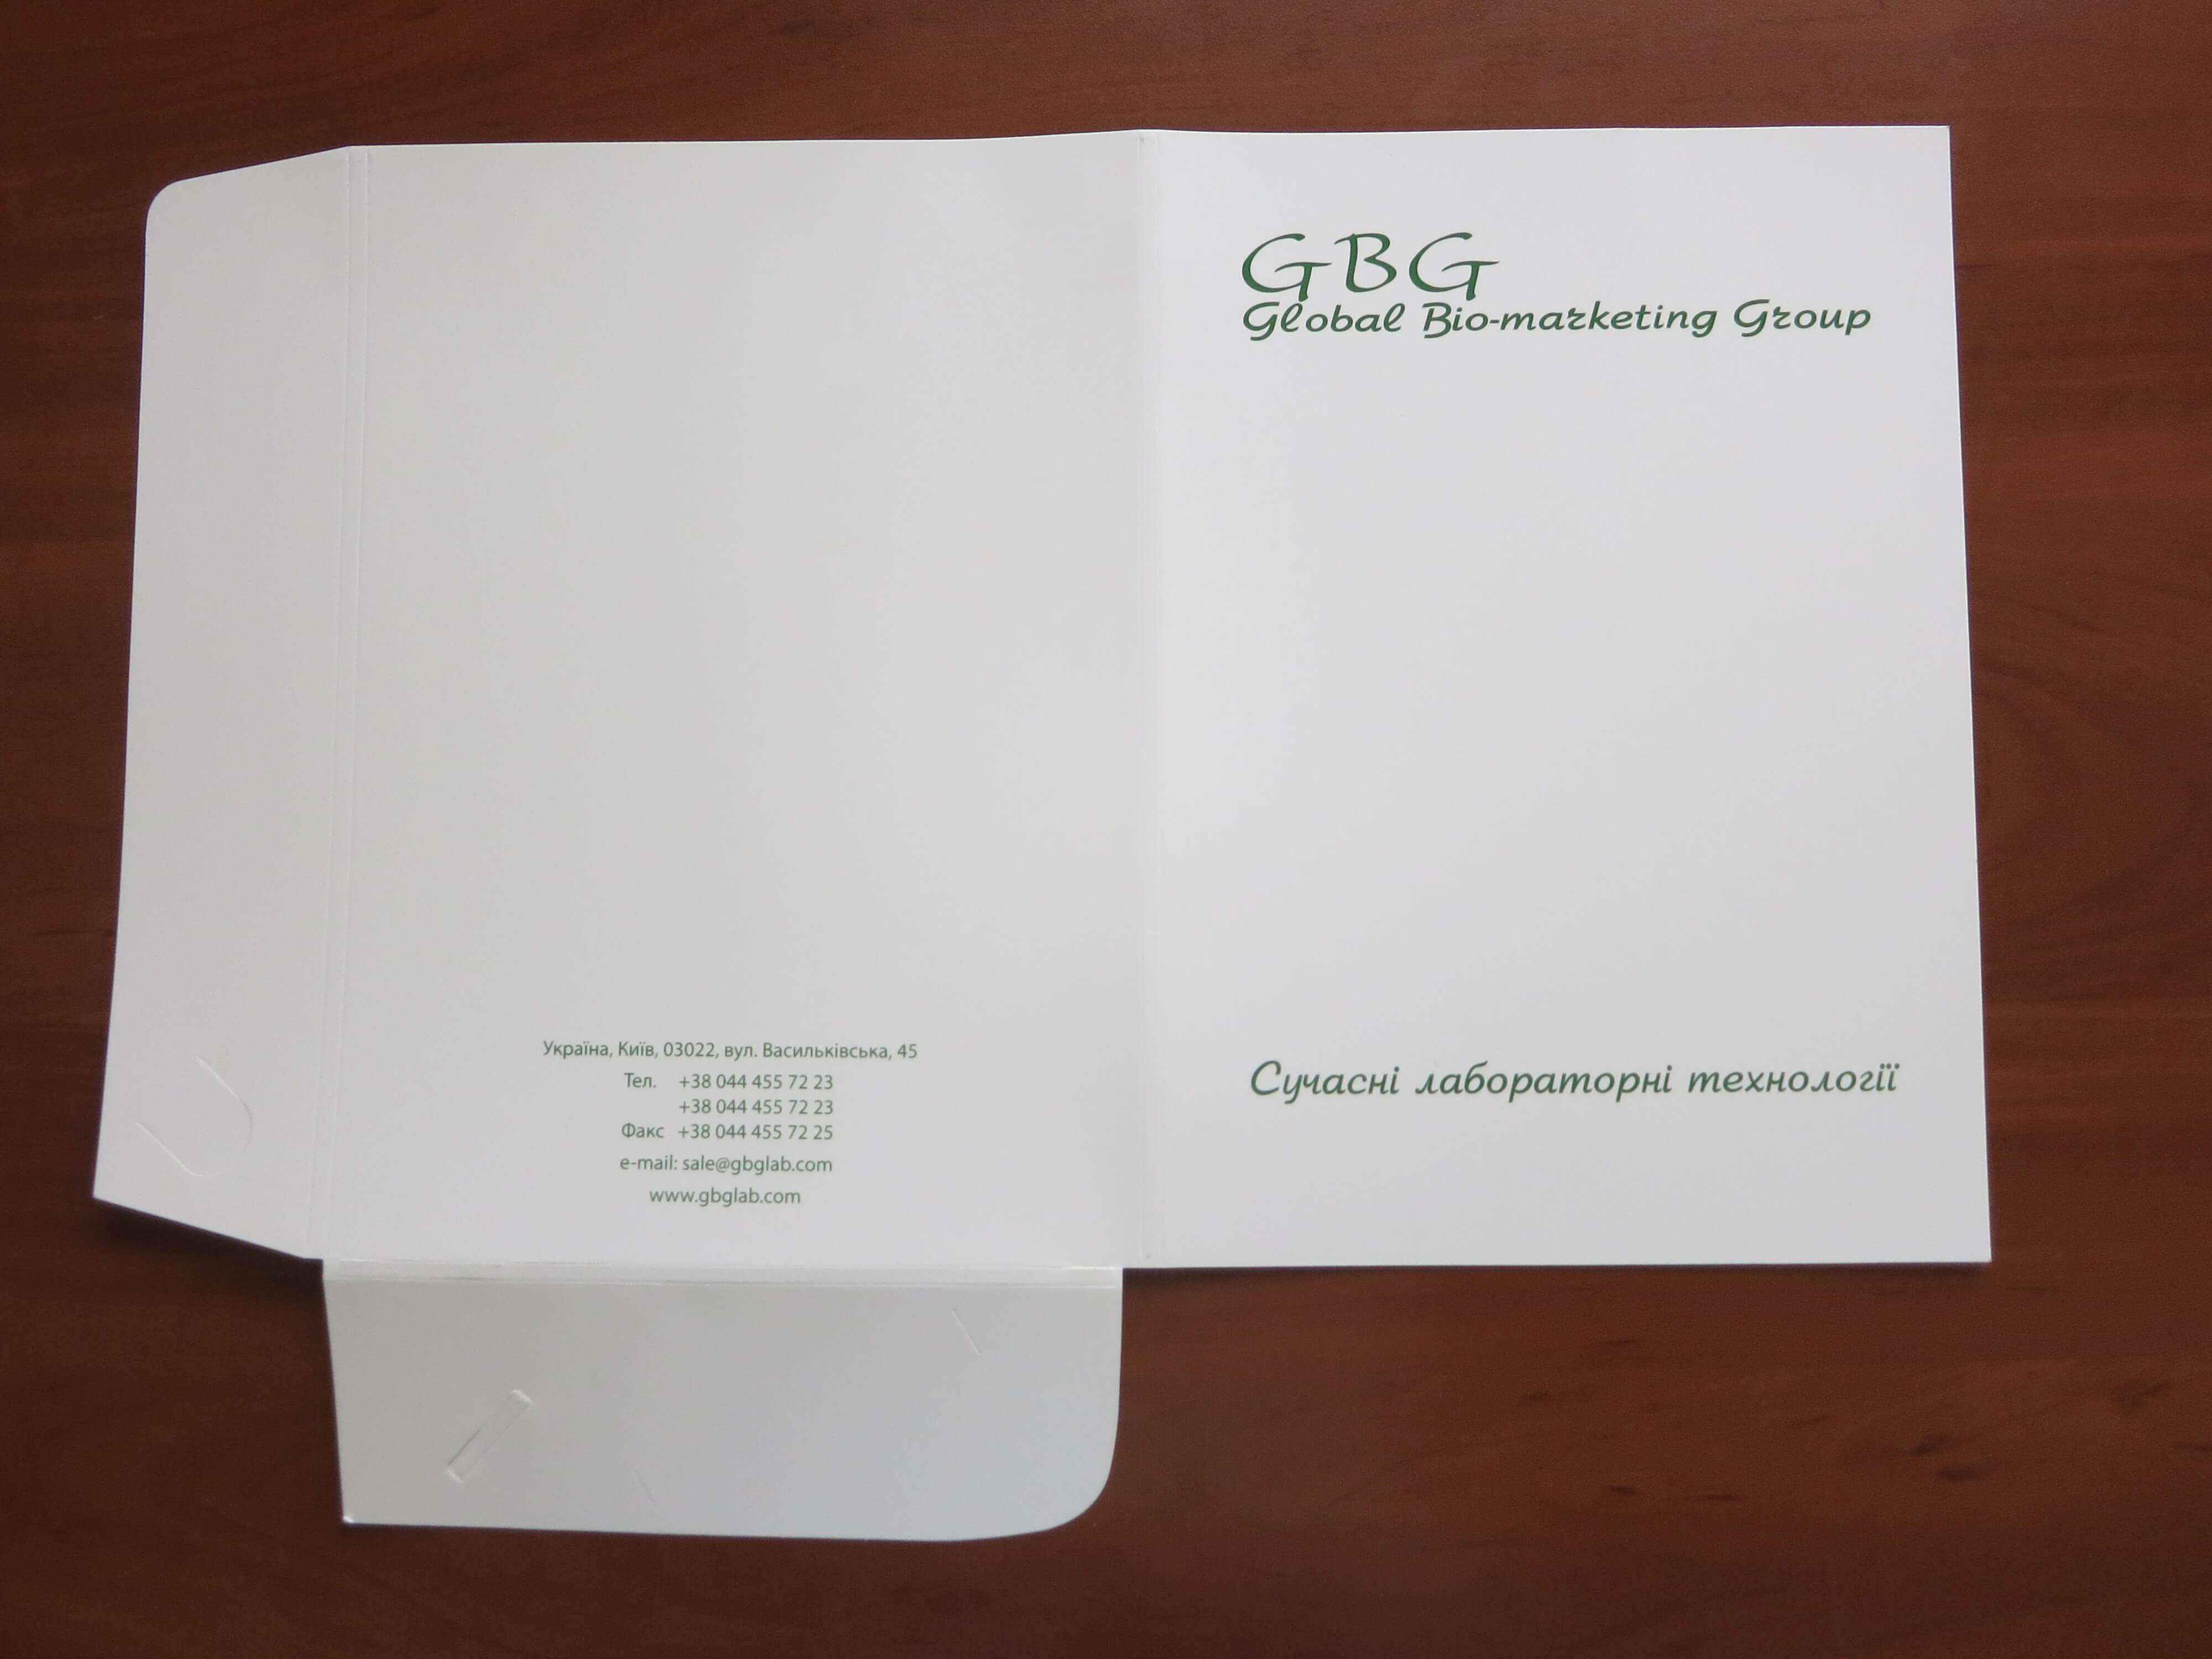 Папки GBG и GIZ - фото 4